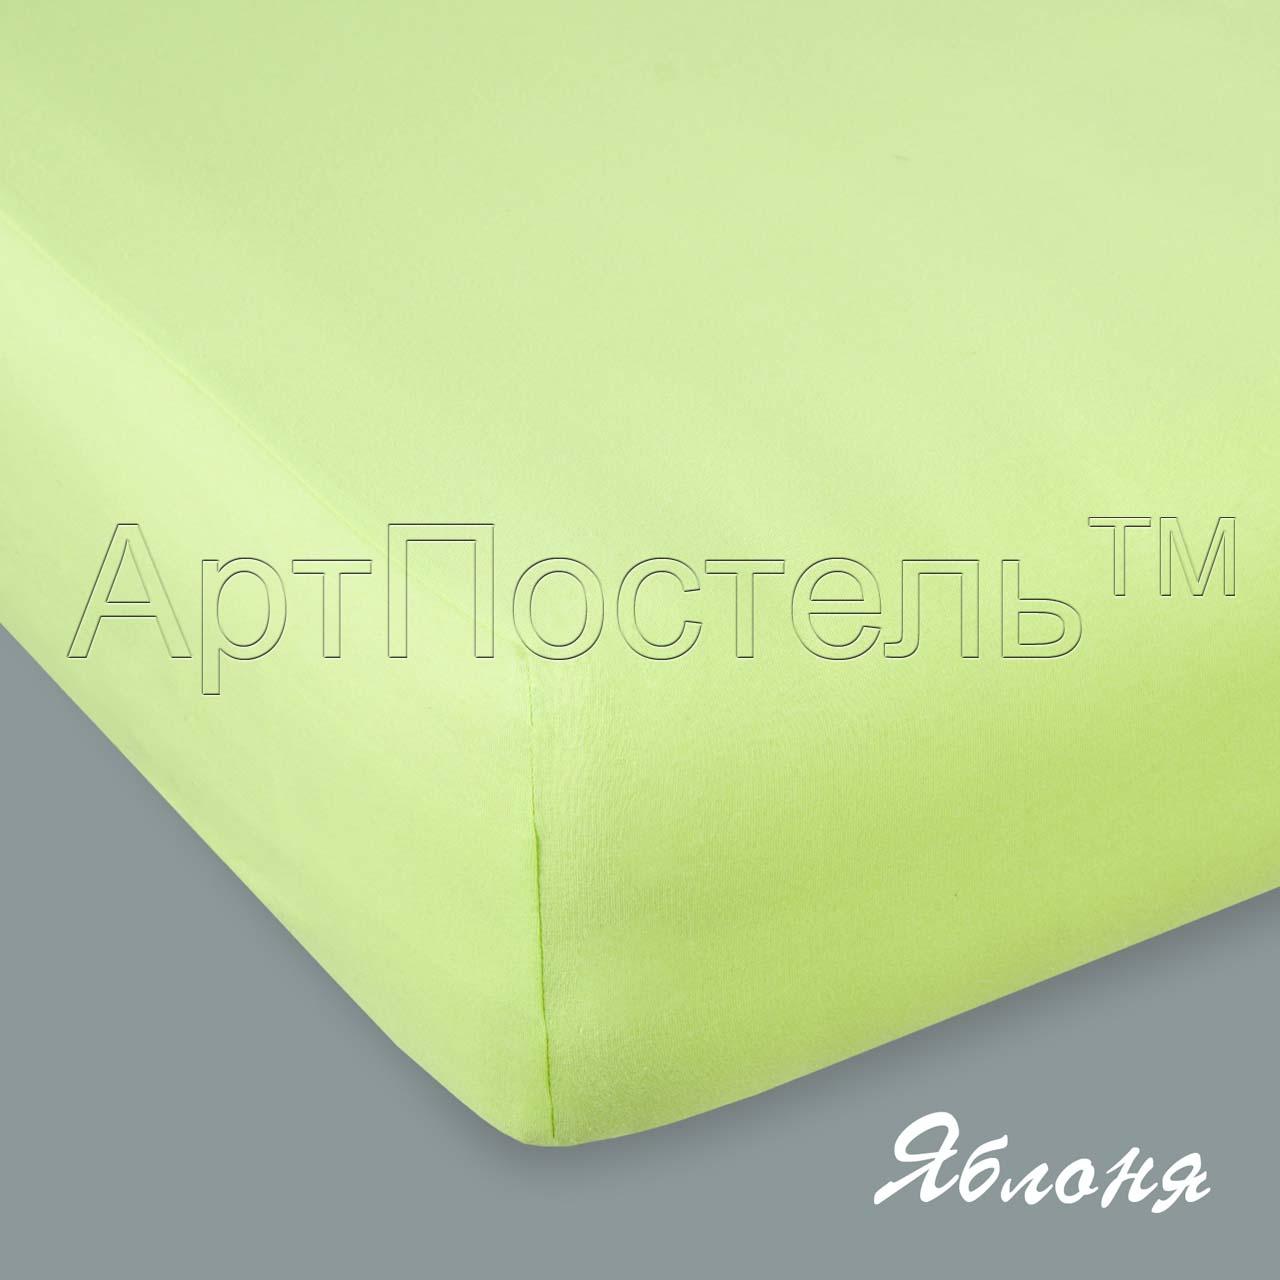 Простыня на резинке Яблоня, размер 90х200 смПростыни<br>Плотность ткани: 145 г/кв. м <br>Высота матраса: 20 см<br><br>Тип: Простыня<br>Размер: 90х200<br>Материал: Кулирка